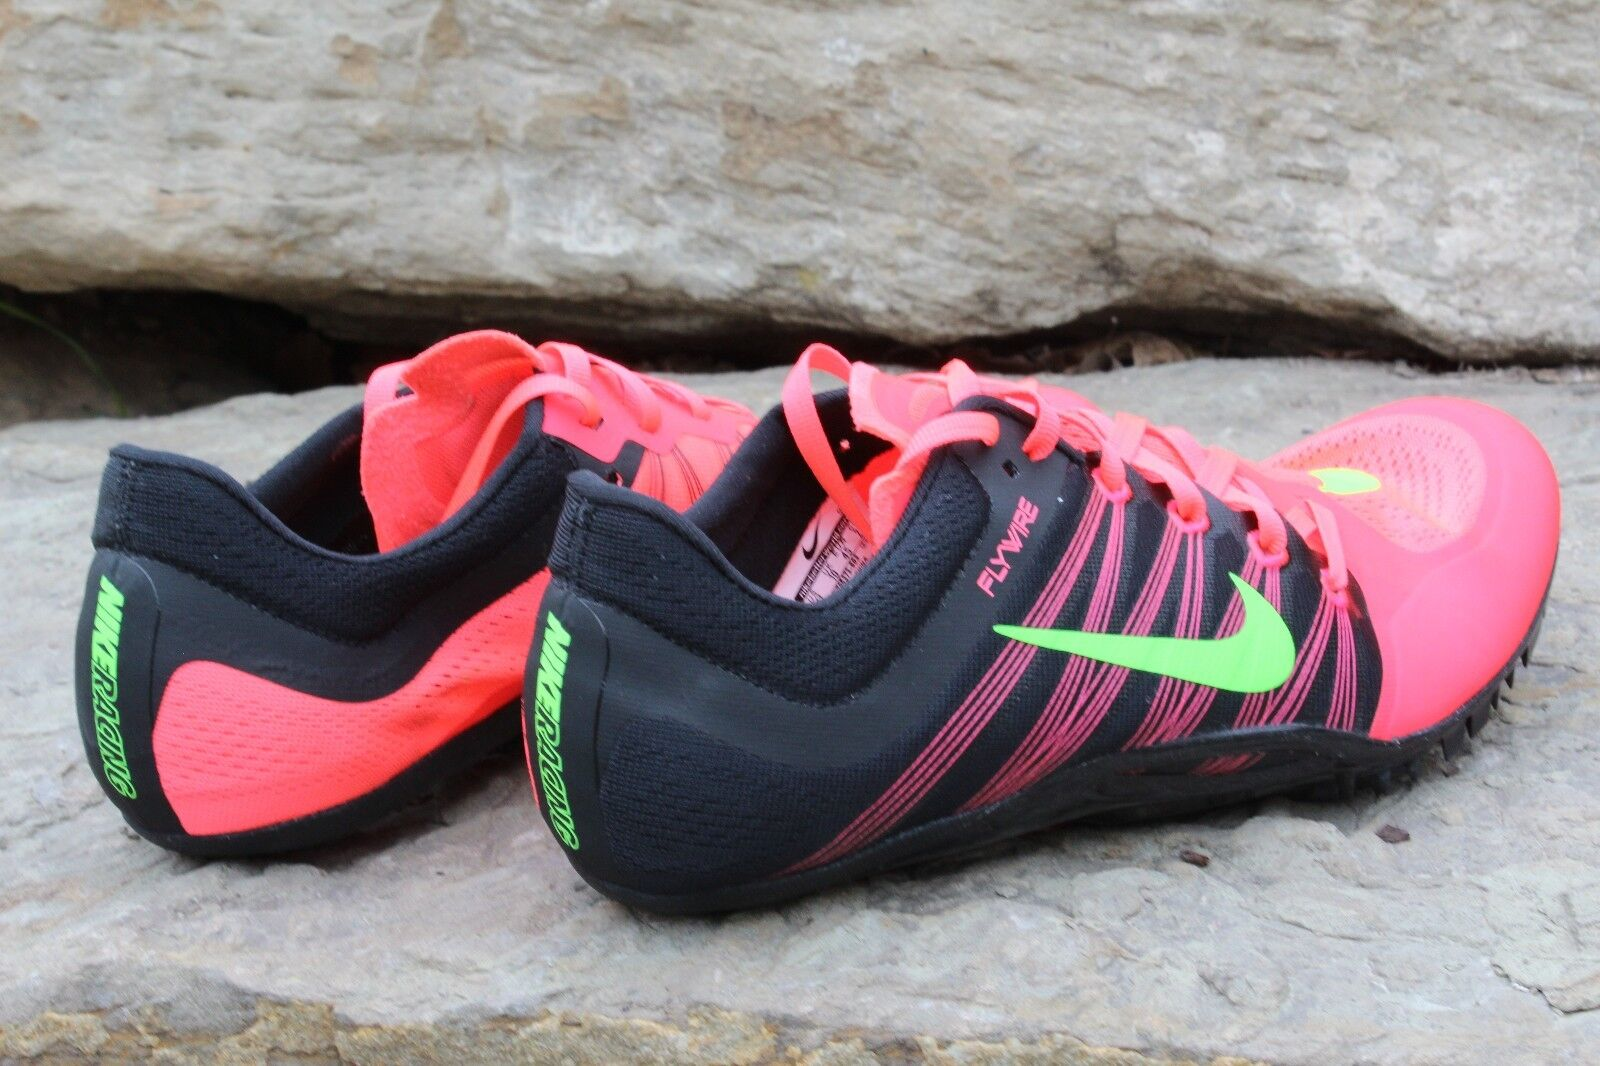 16 neuen nike - fliegen 2 sprint spikes track 705373 männer größe 11-12.5 crimson 705373 track 603 63046b